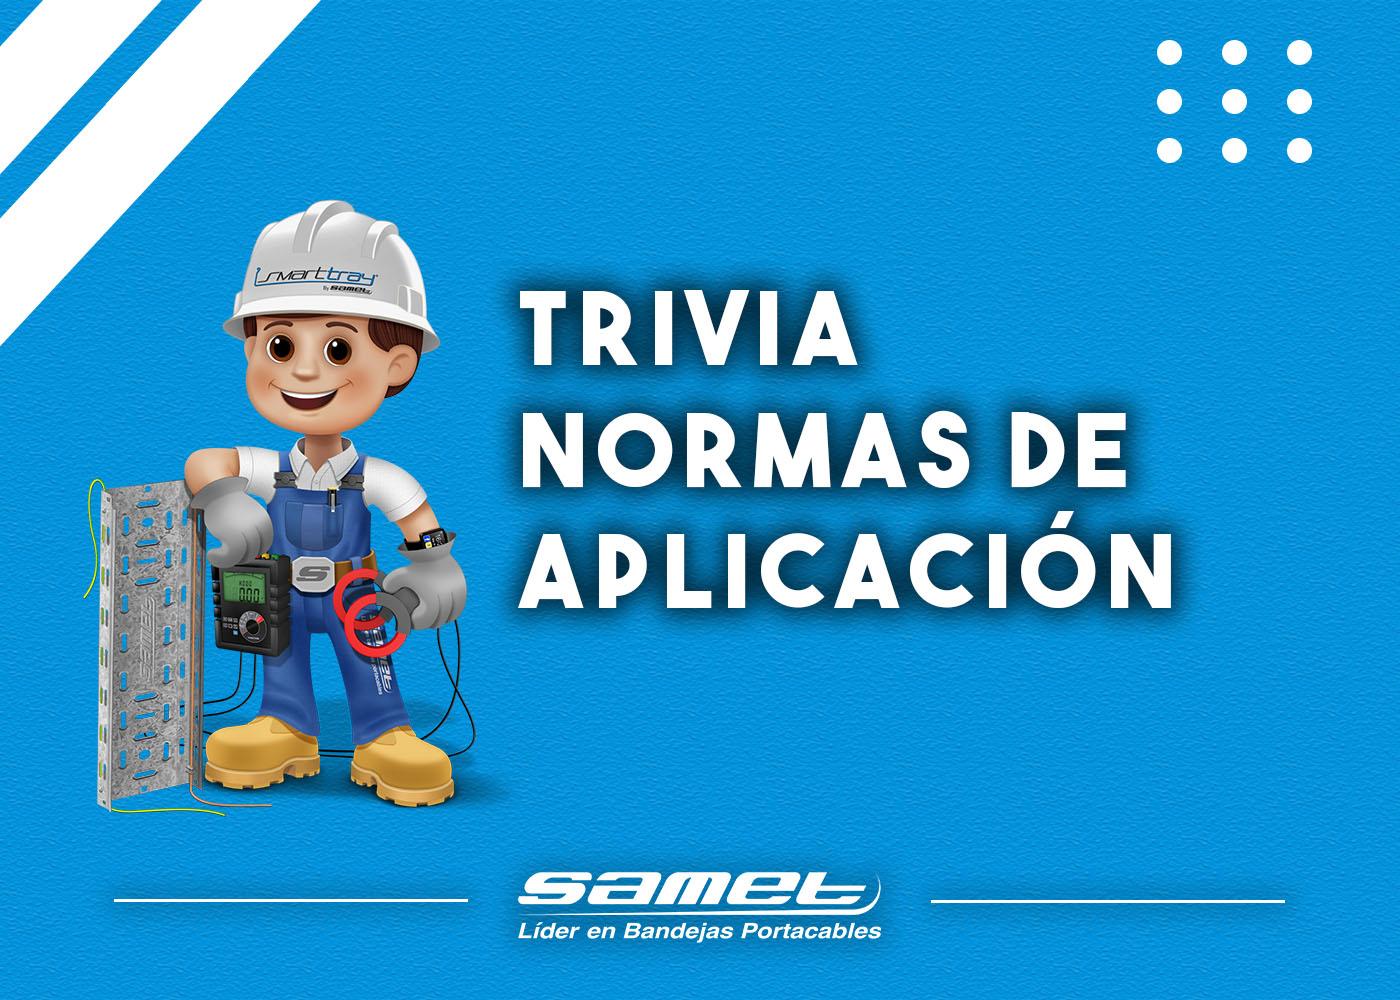 Trivia 6 - Normas de aplicacion